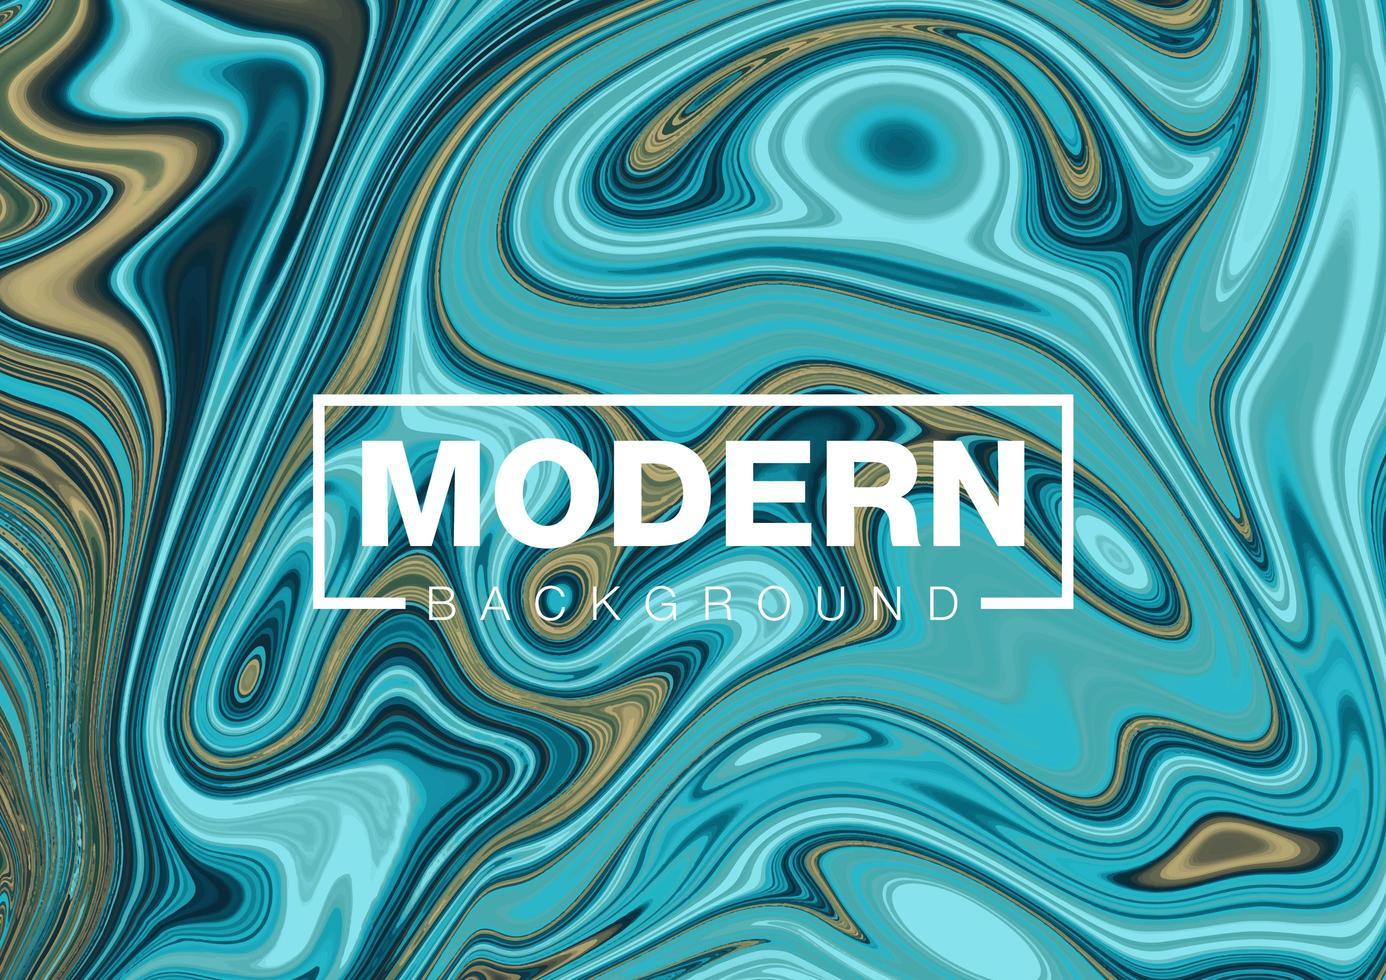 moderne gemengde vloeibare kleurenachtergrond vector